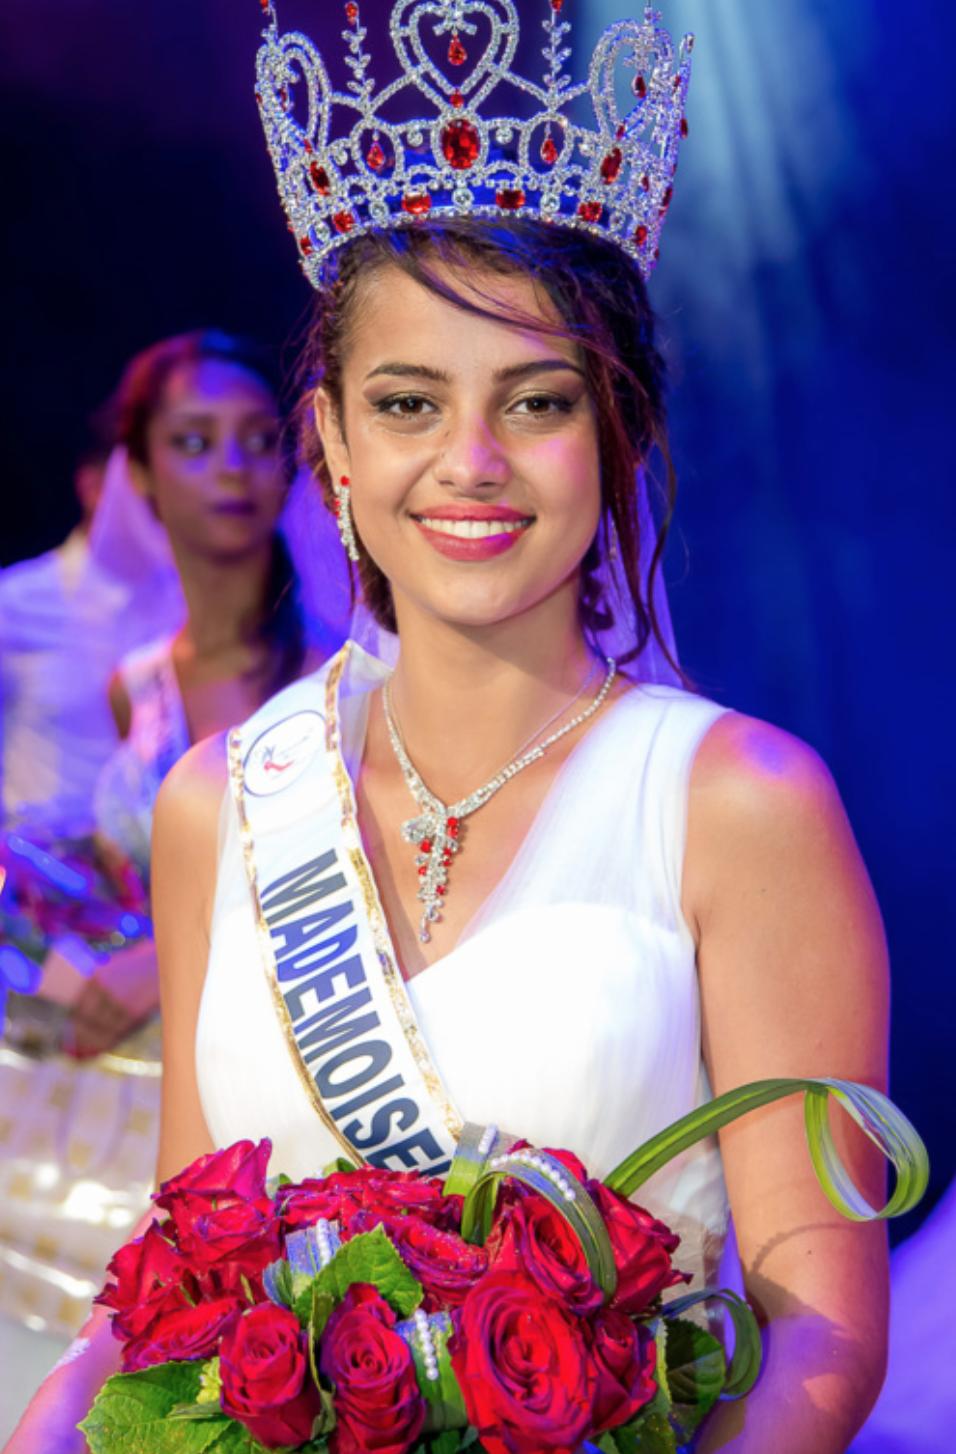 Fatima Hoarau avait été élue Mademoiselle Ile de La Réunion en janvier (photo François Ho-Mouye)